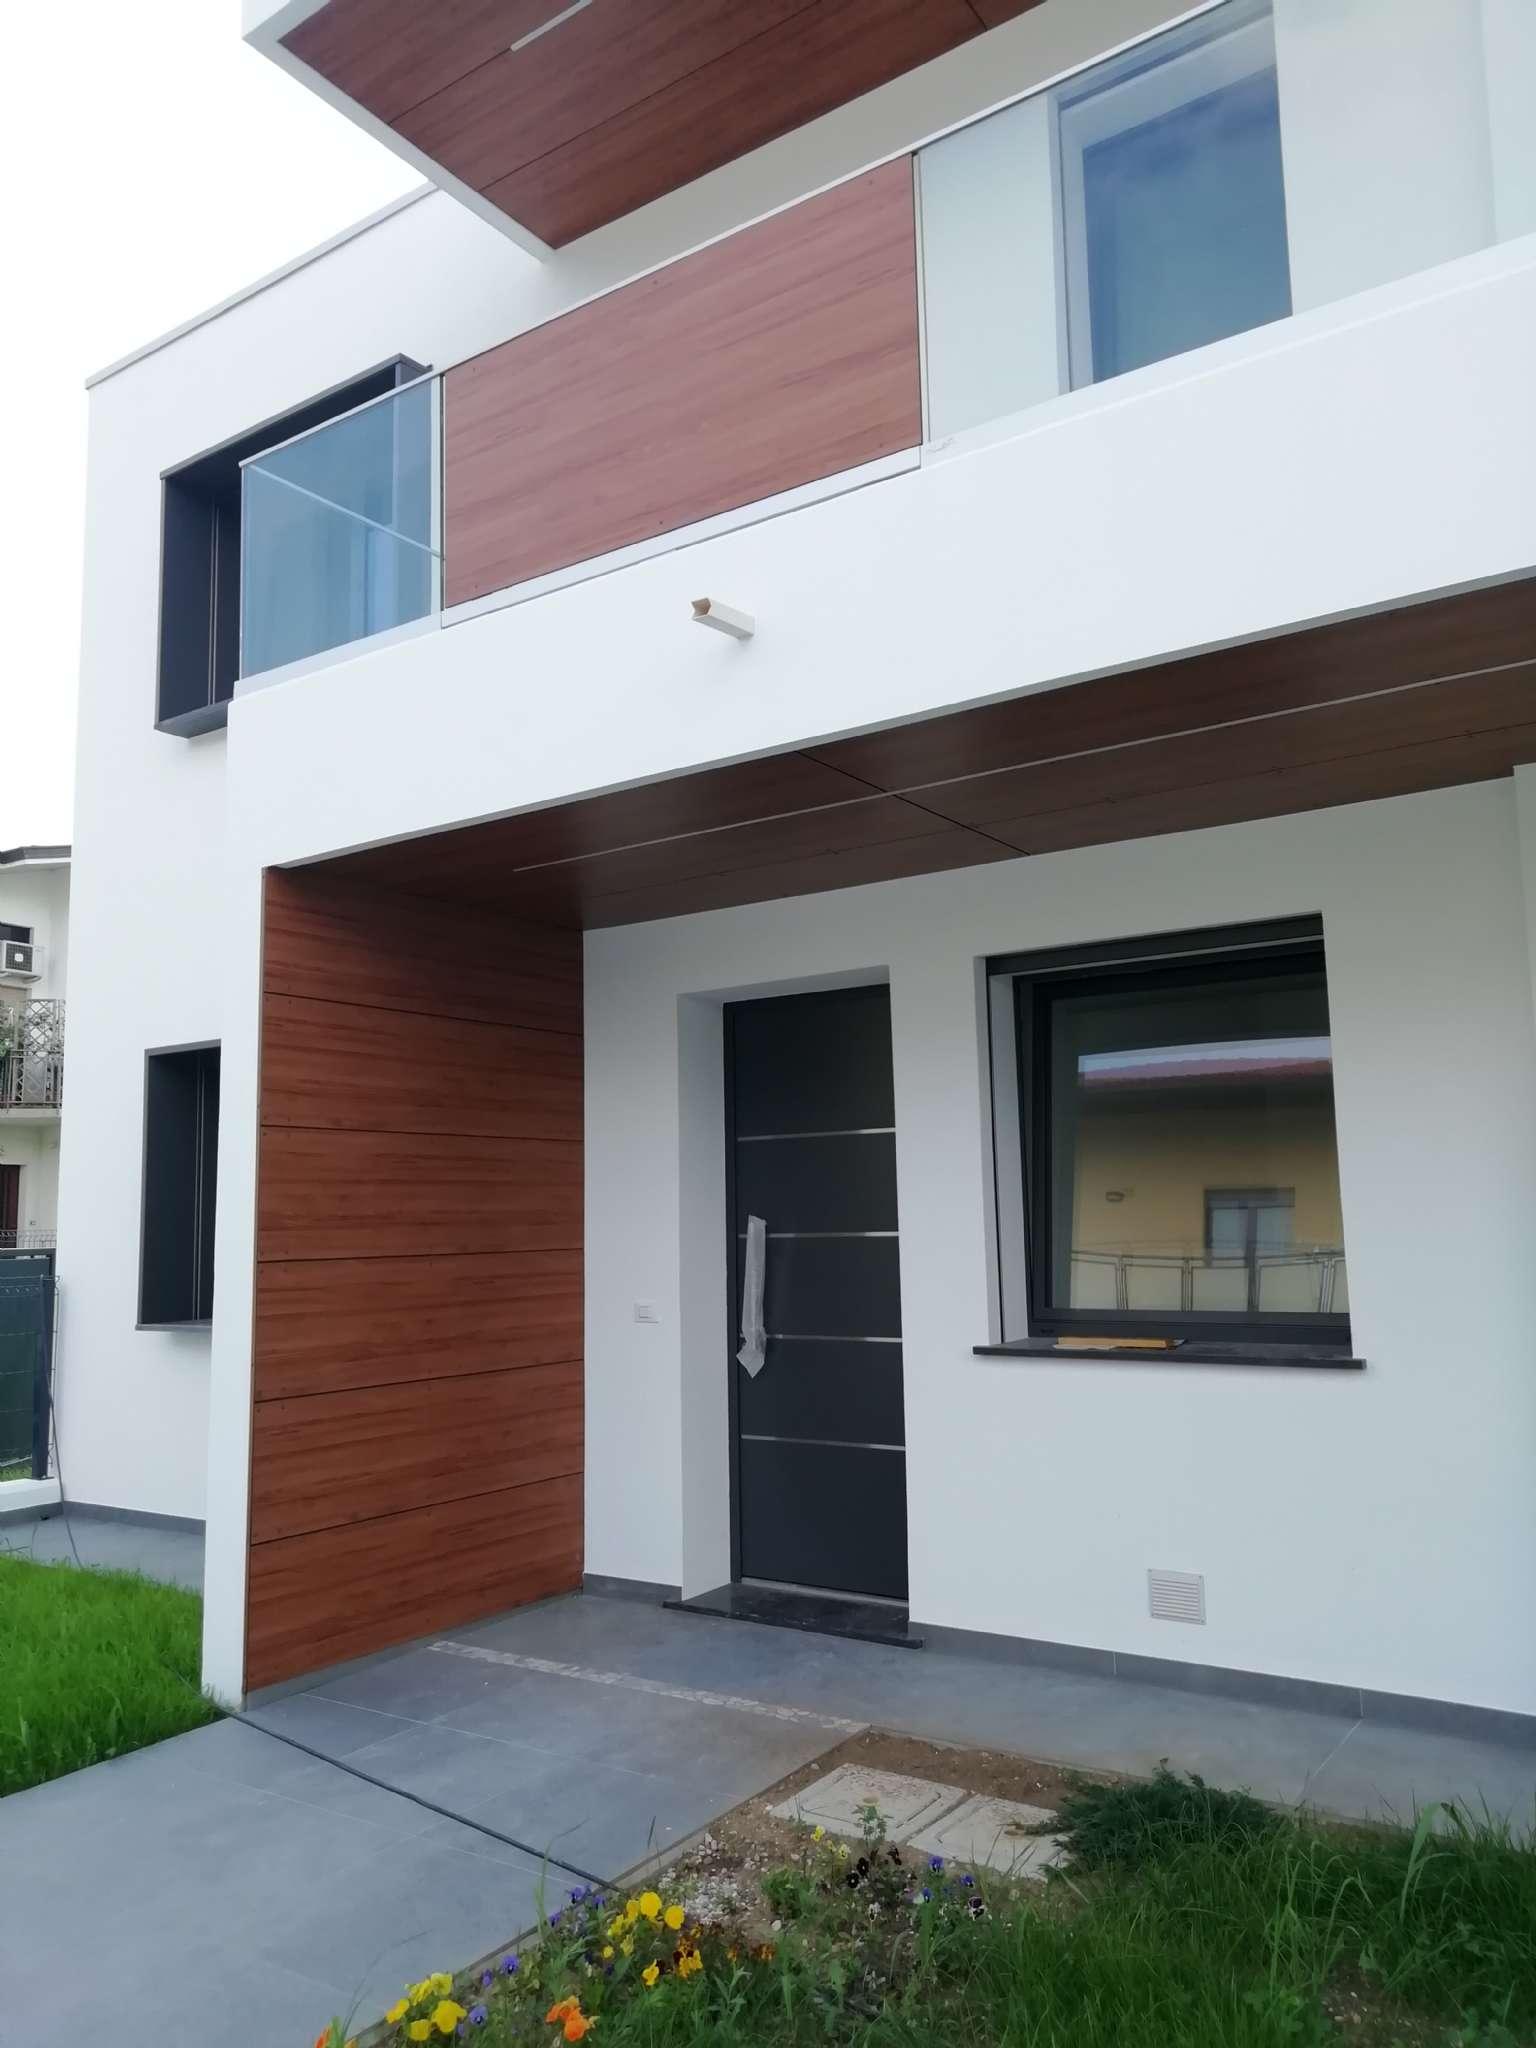 Appartamento in vendita a Udine, 6 locali, prezzo € 295.000 | CambioCasa.it